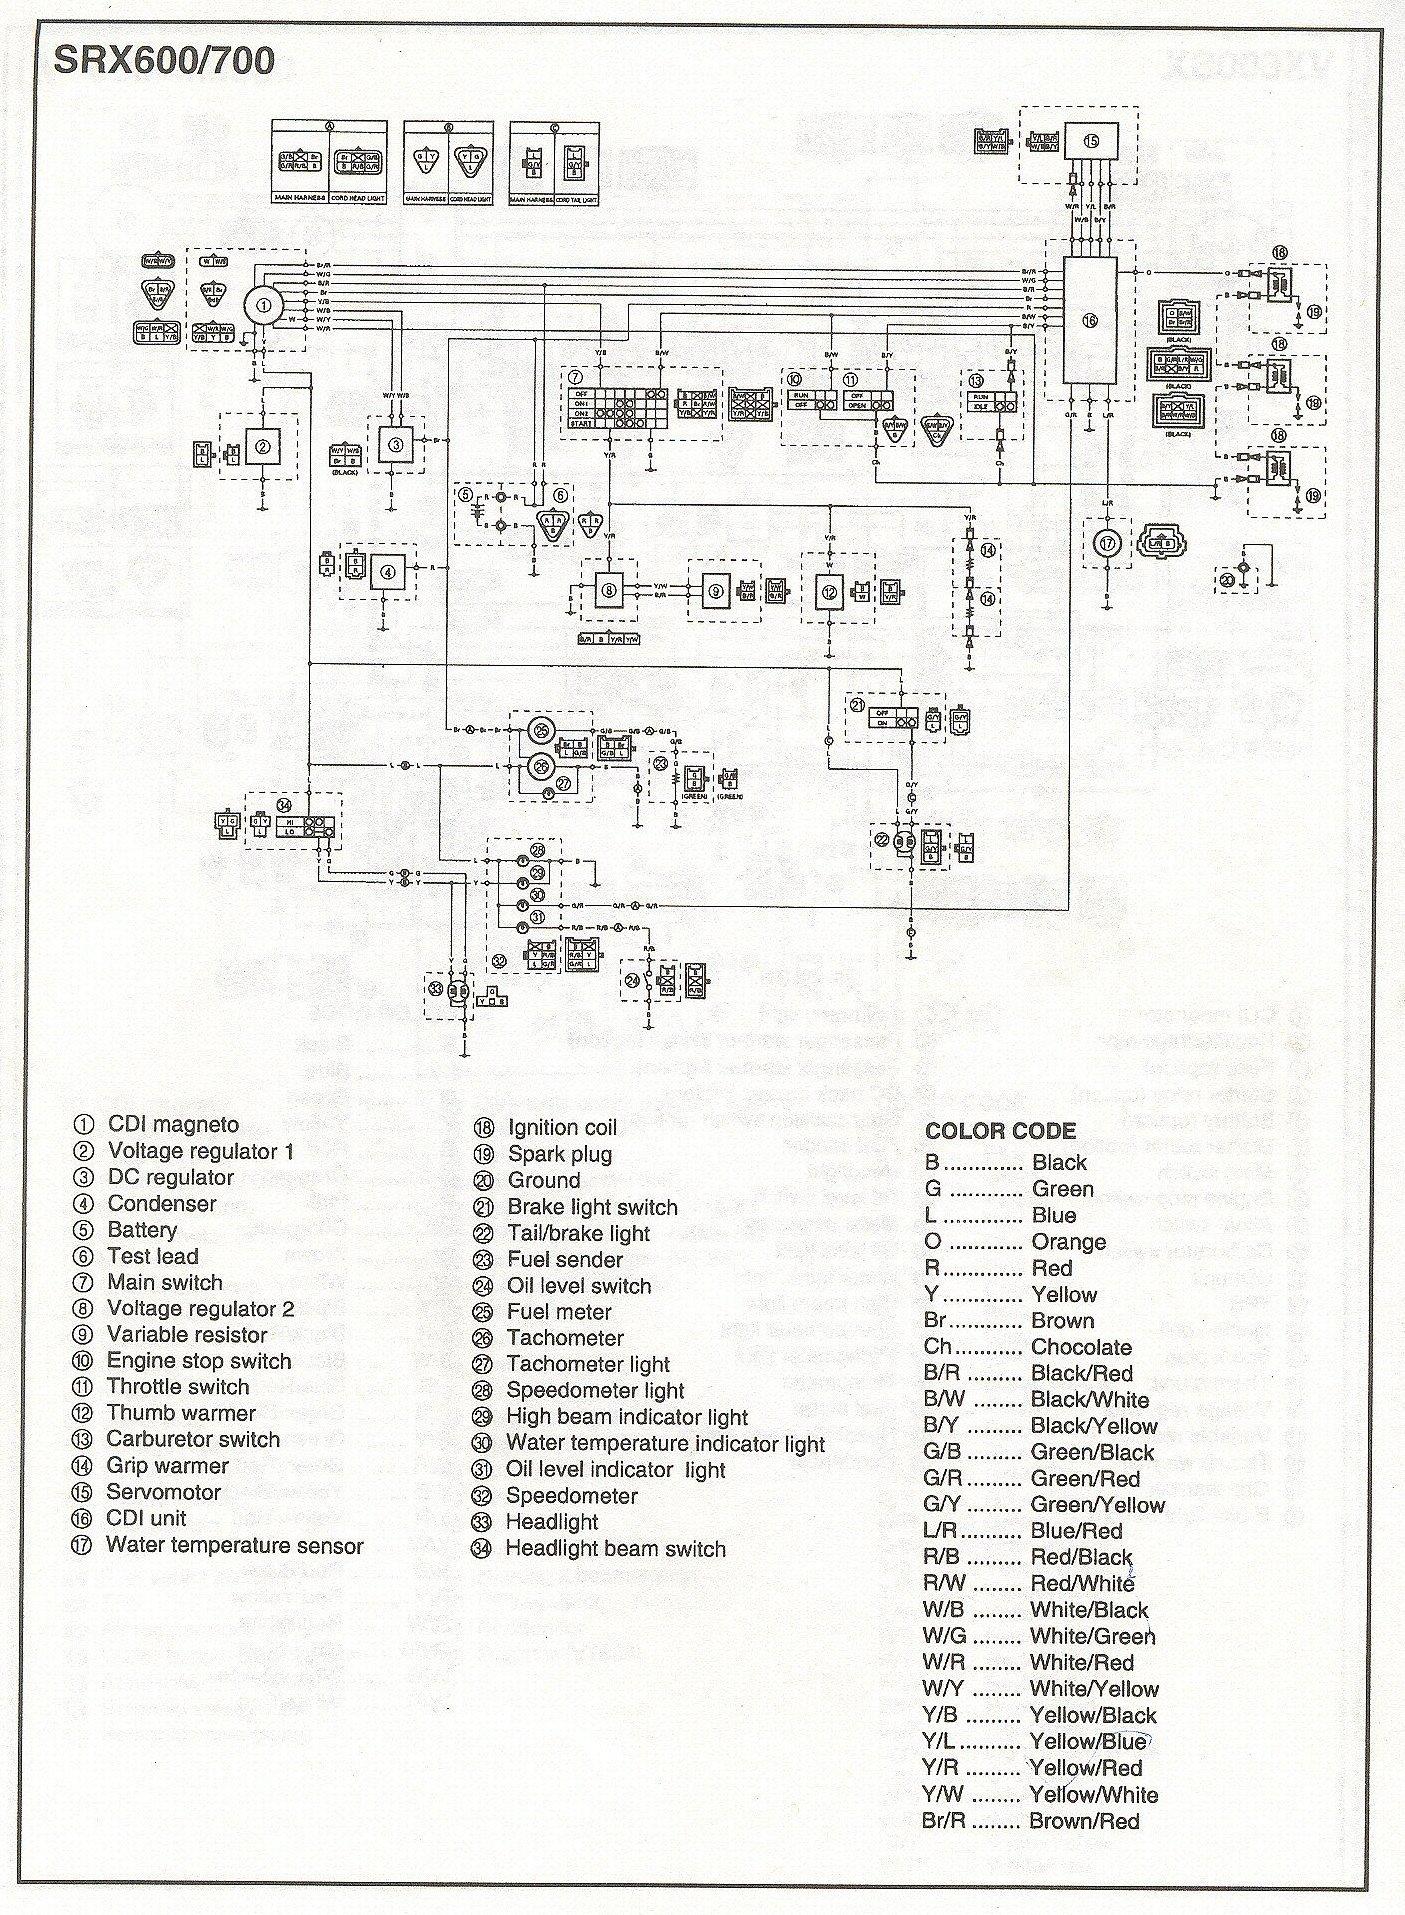 MV_0927] Yamaha Srx Wiring Diagram Free DiagramEpsy Exmet Ospor Joami Hyedi Mohammedshrine Librar Wiring 101